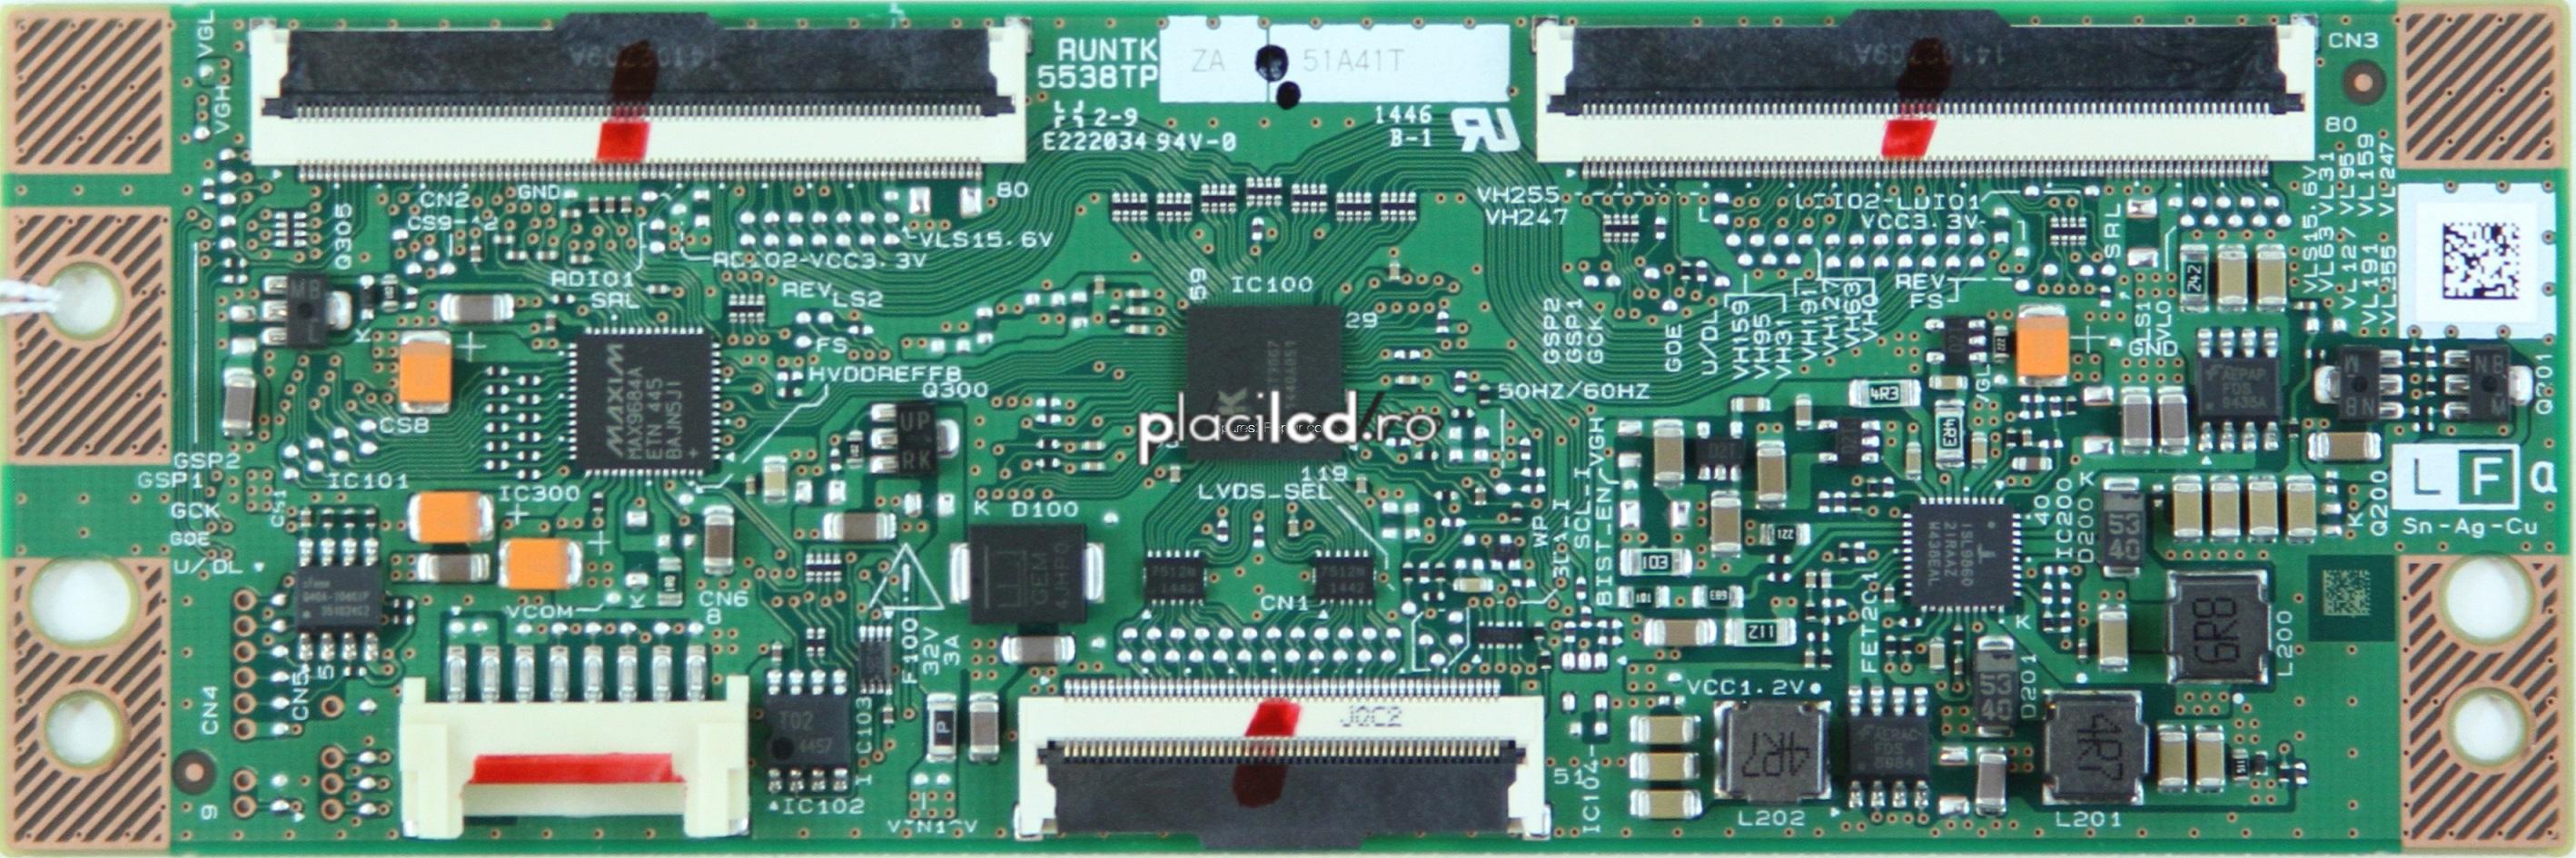 Placa LVDS model RUNTK5538TP